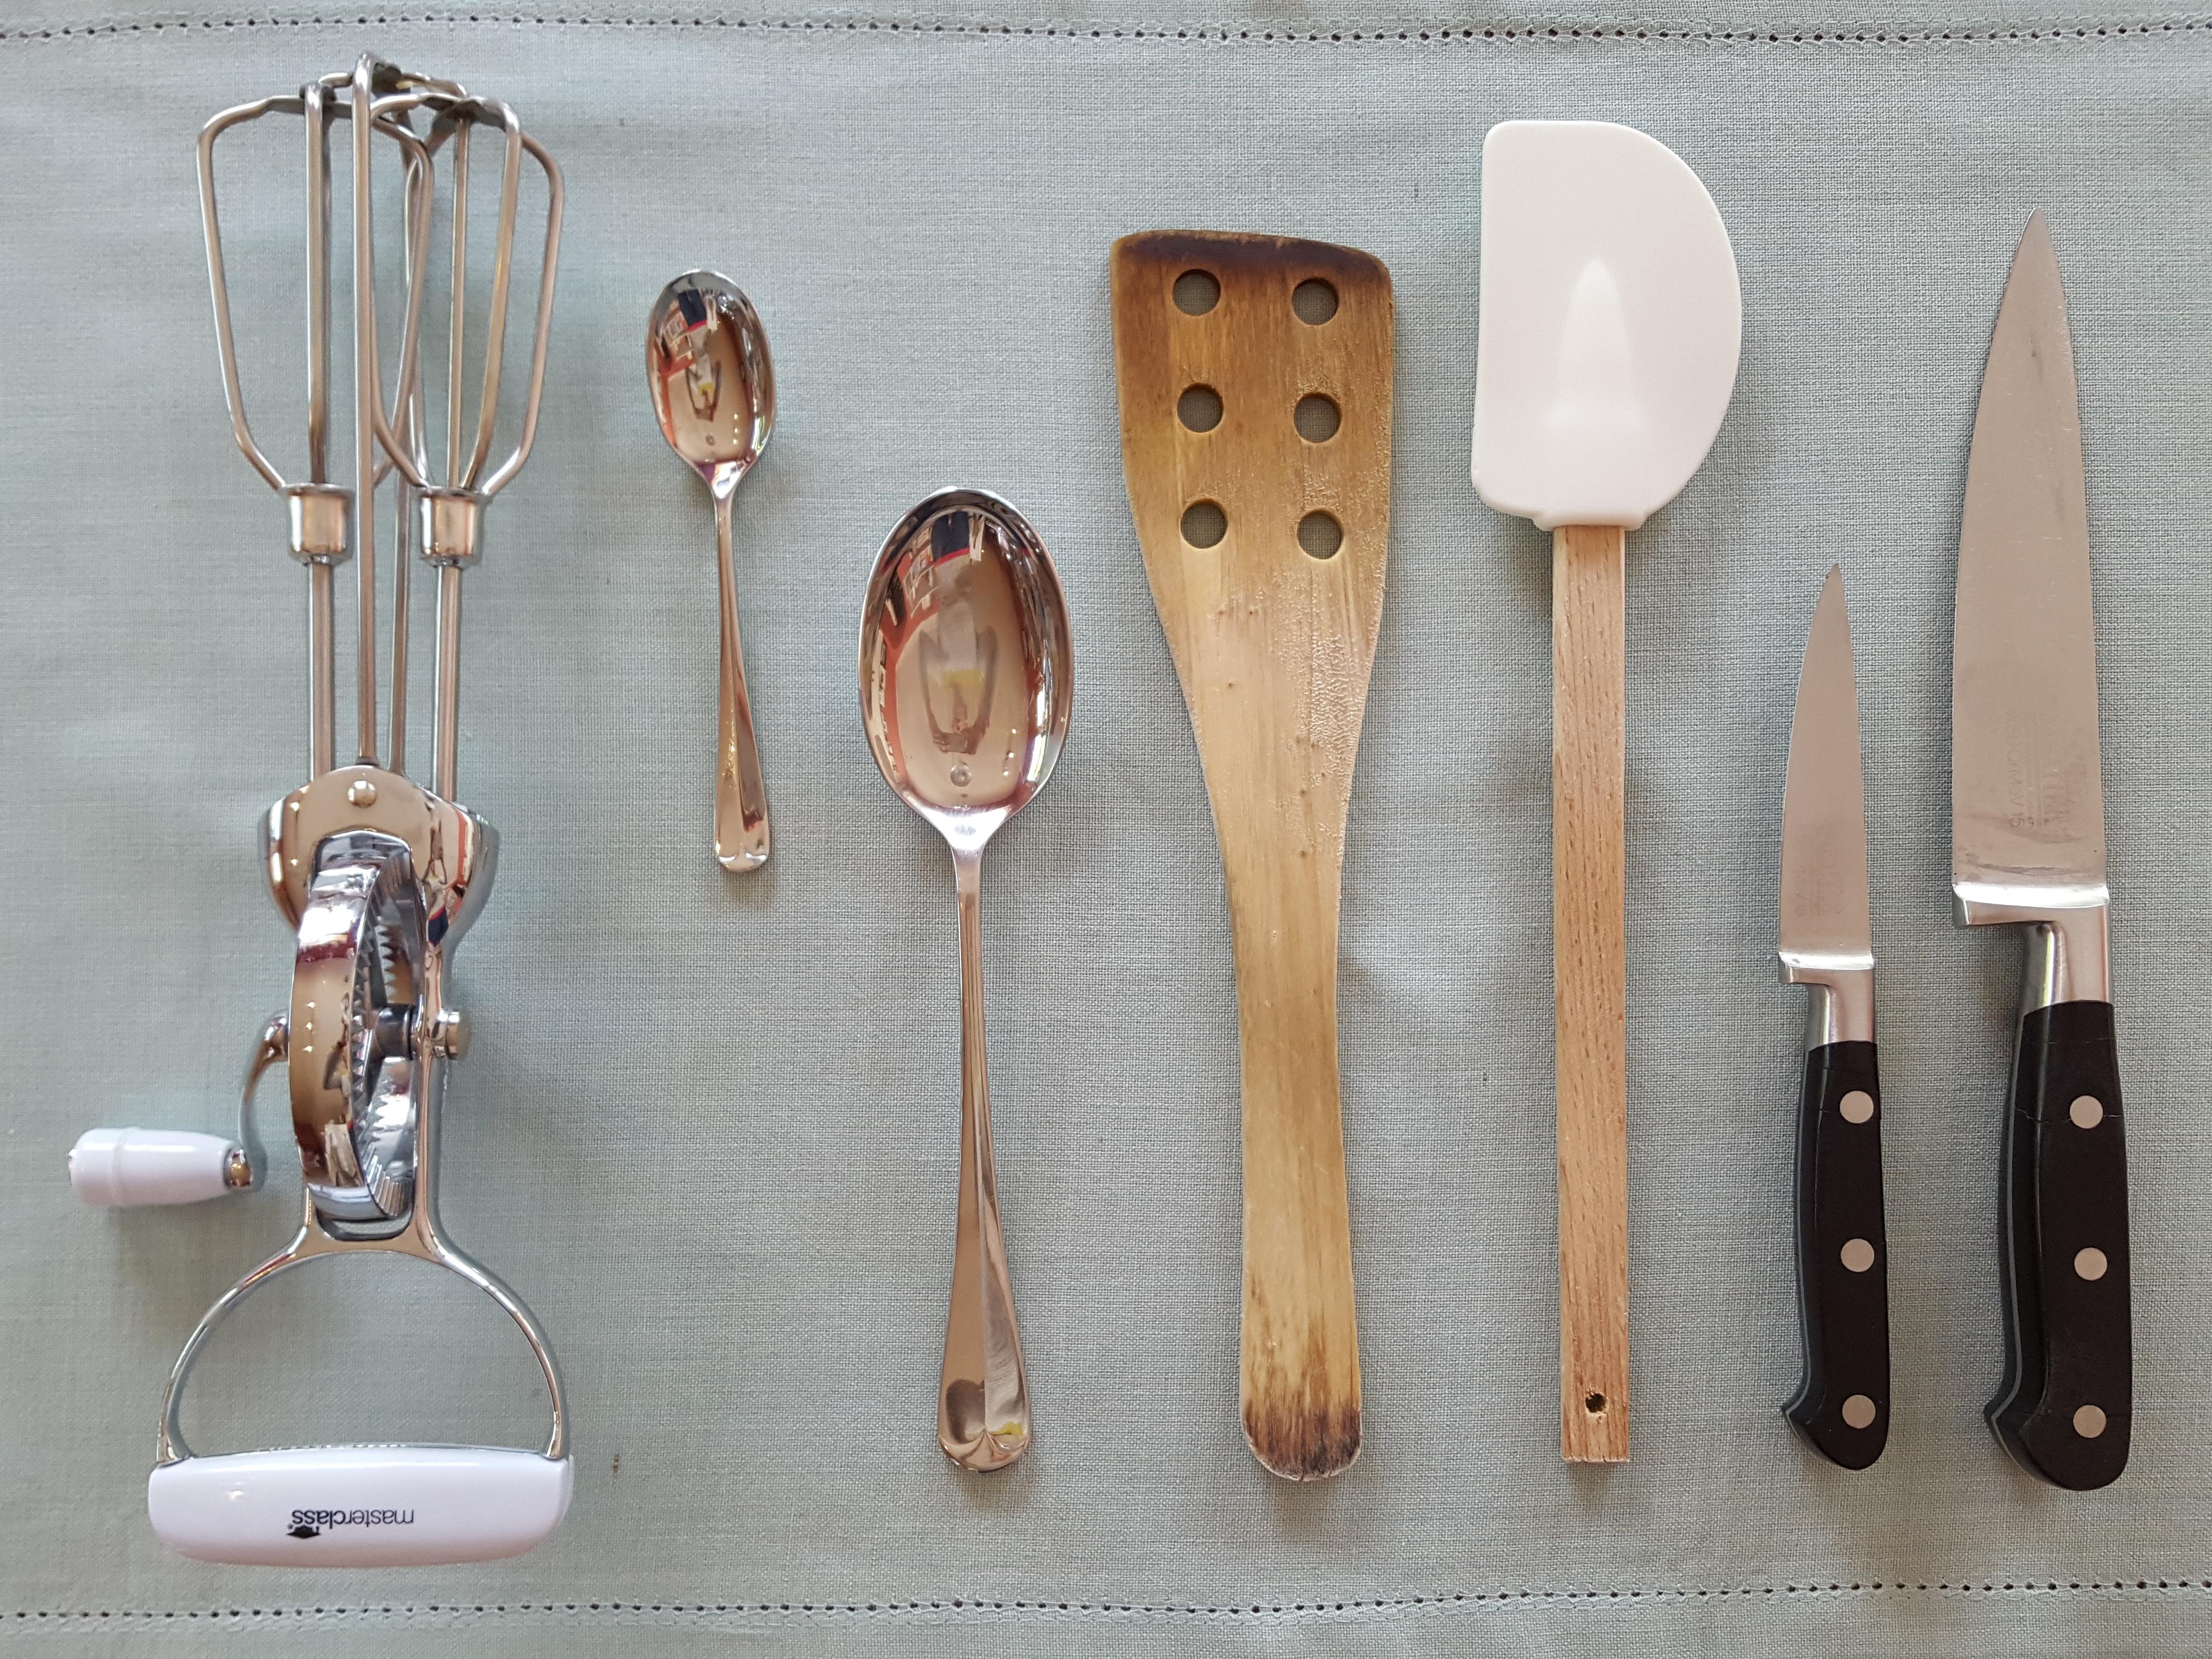 Handheld cooking utensils